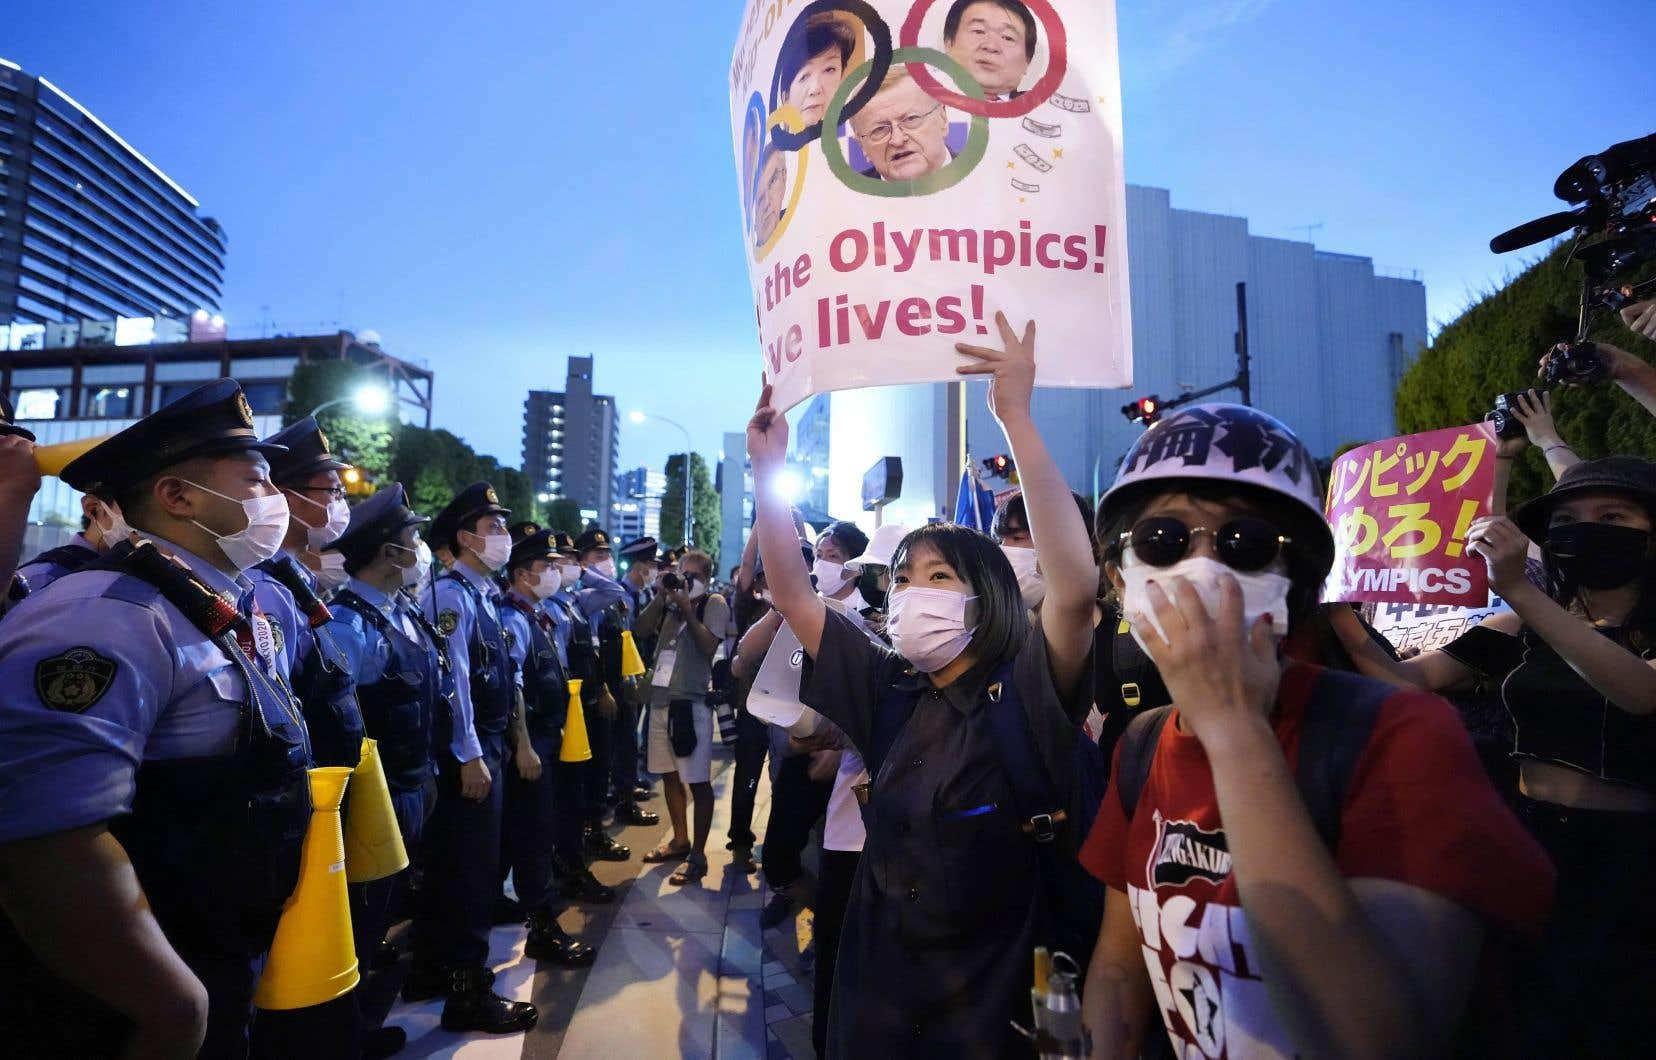 Vendredi, à quelques heures de la cérémonie d'ouverture, des centaines de manifestants scandaient «Go to hell IOC, go to hell Olympics!» non loin du stade.